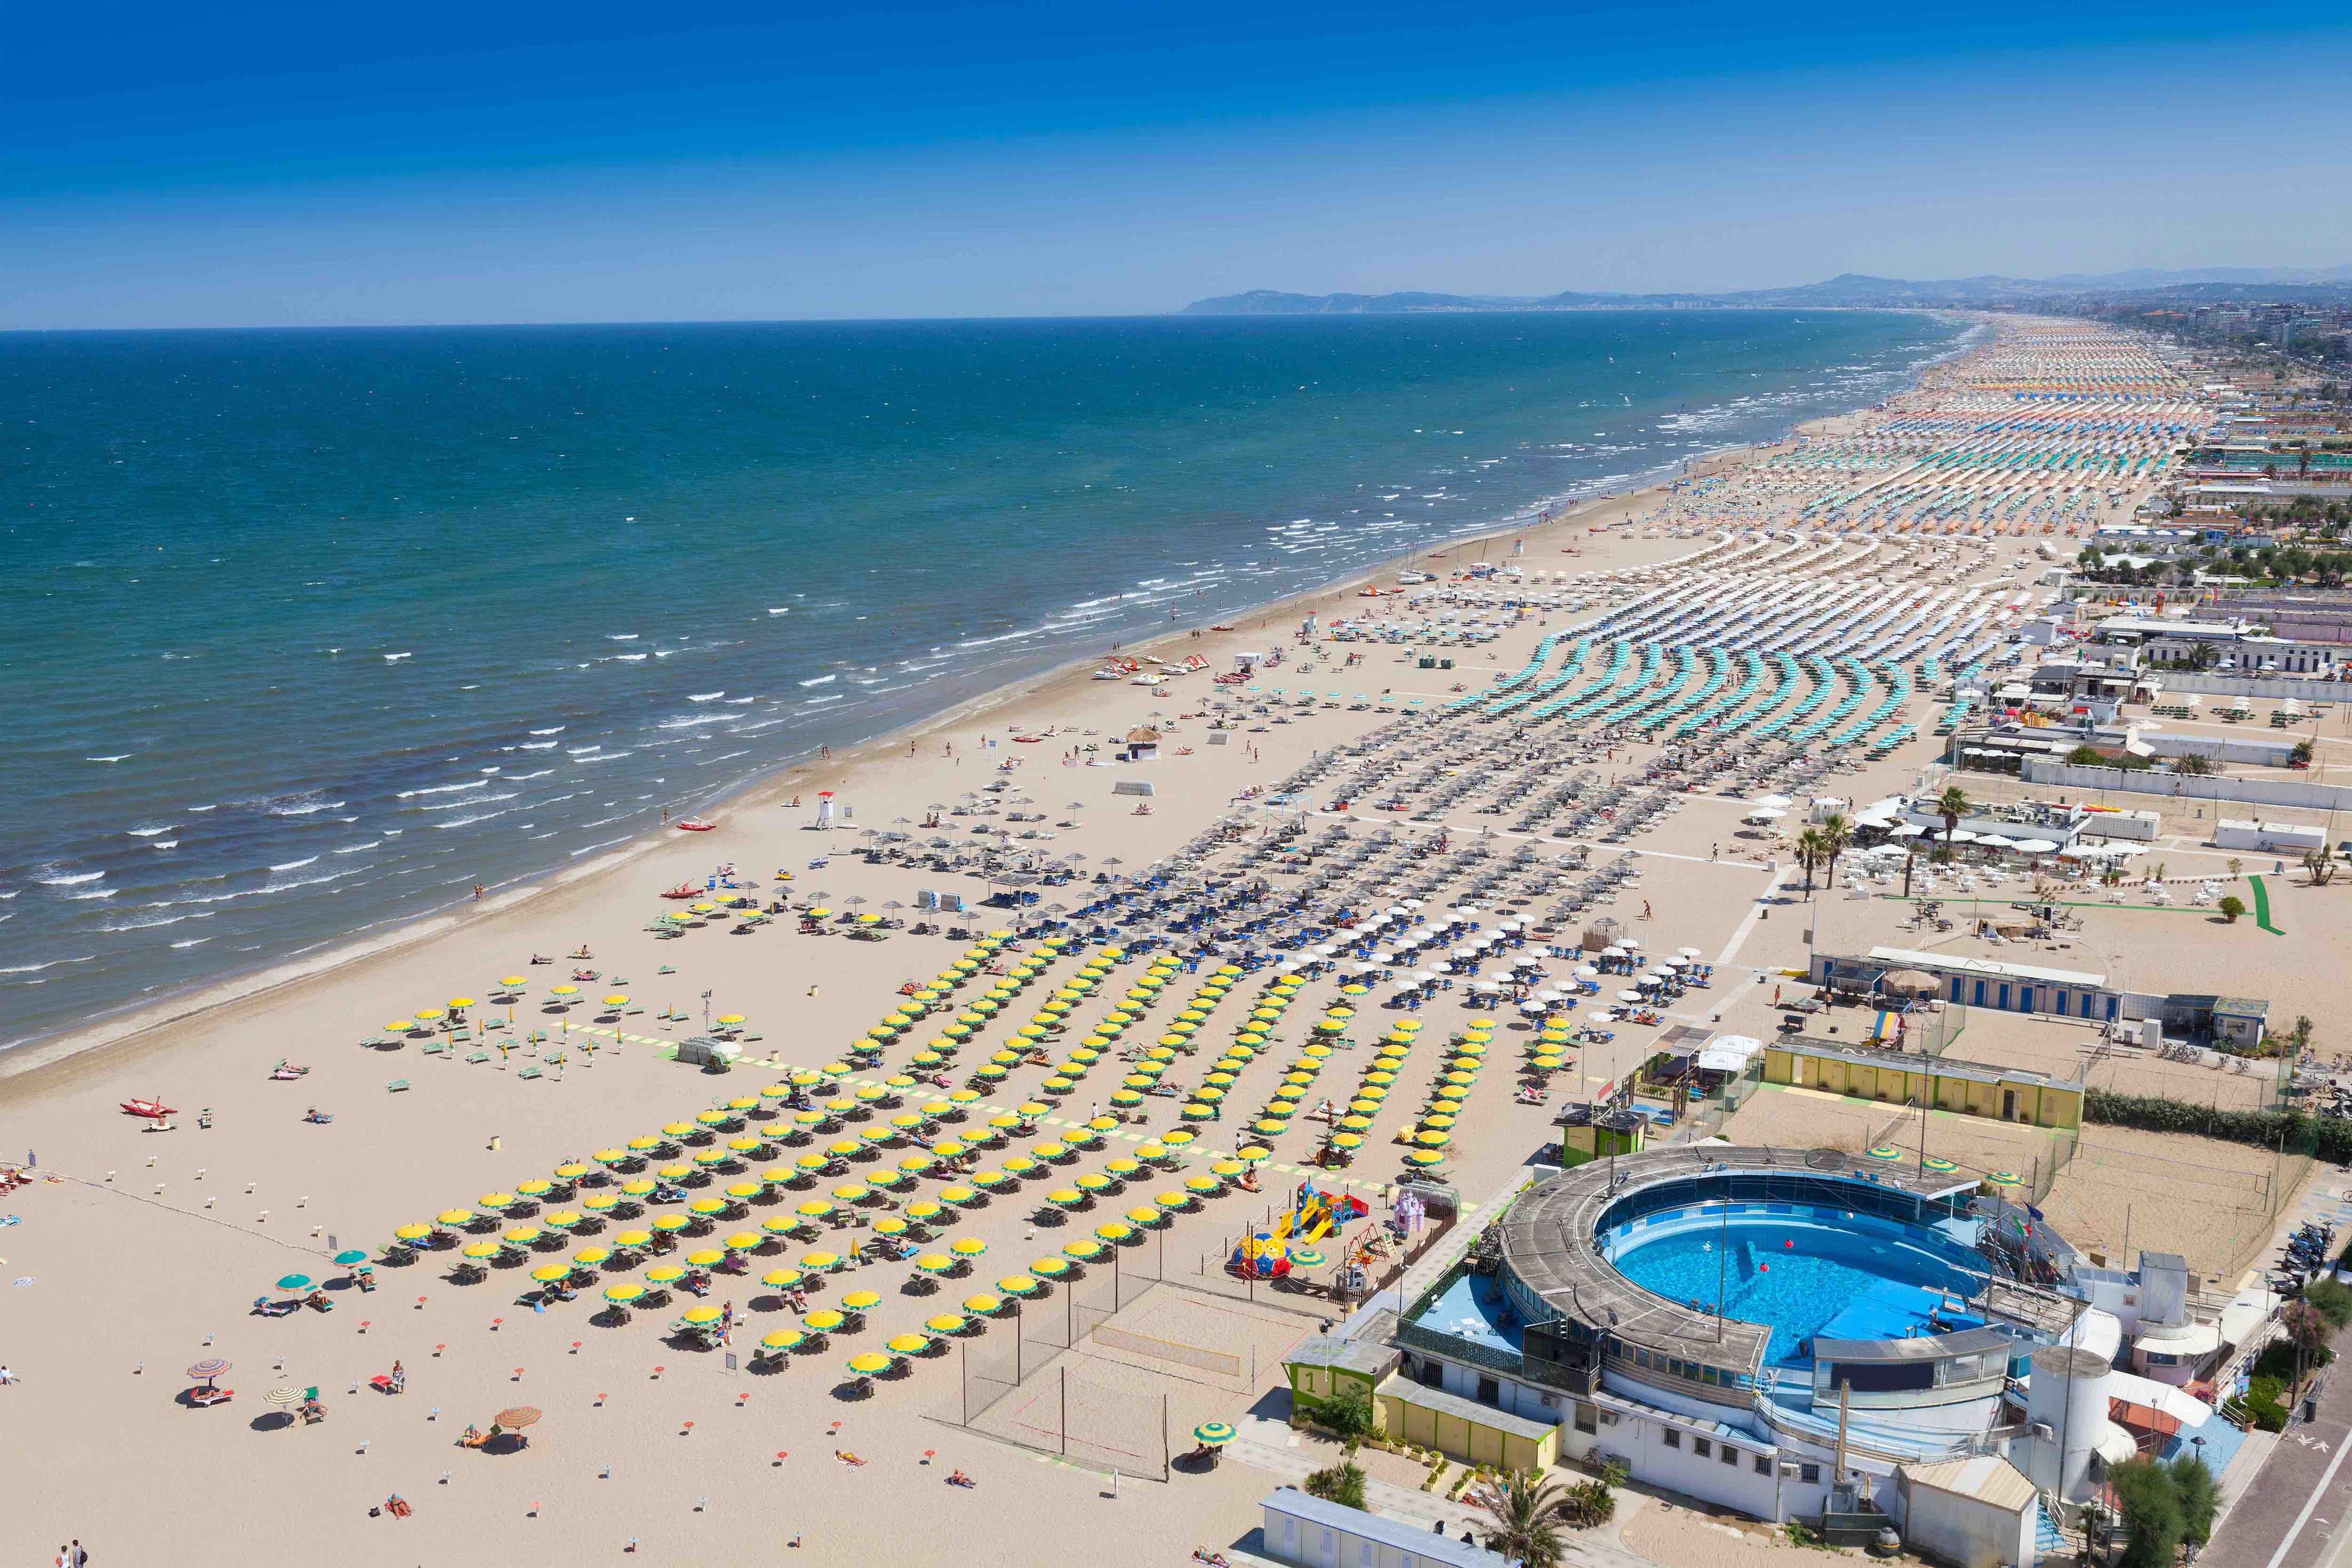 Hotel Miramare Resort Ischia